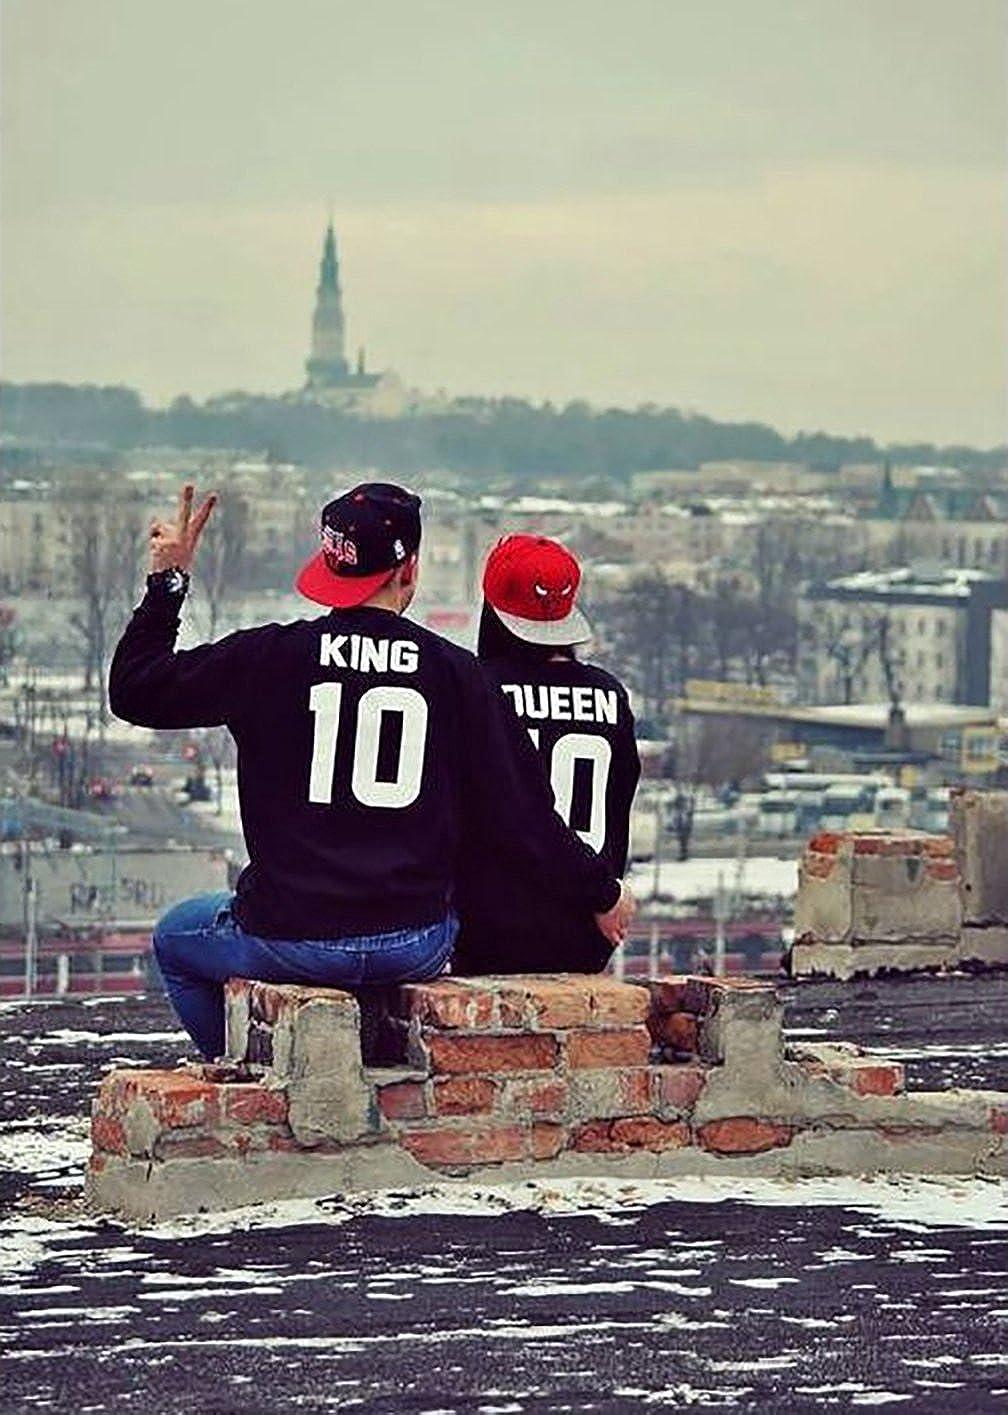 Ziwater Pullover King Queen P/ärchen Sweatshirt 2er Set Partner als Geschenk Valentinstag Symbolische Liebe T-Shirt